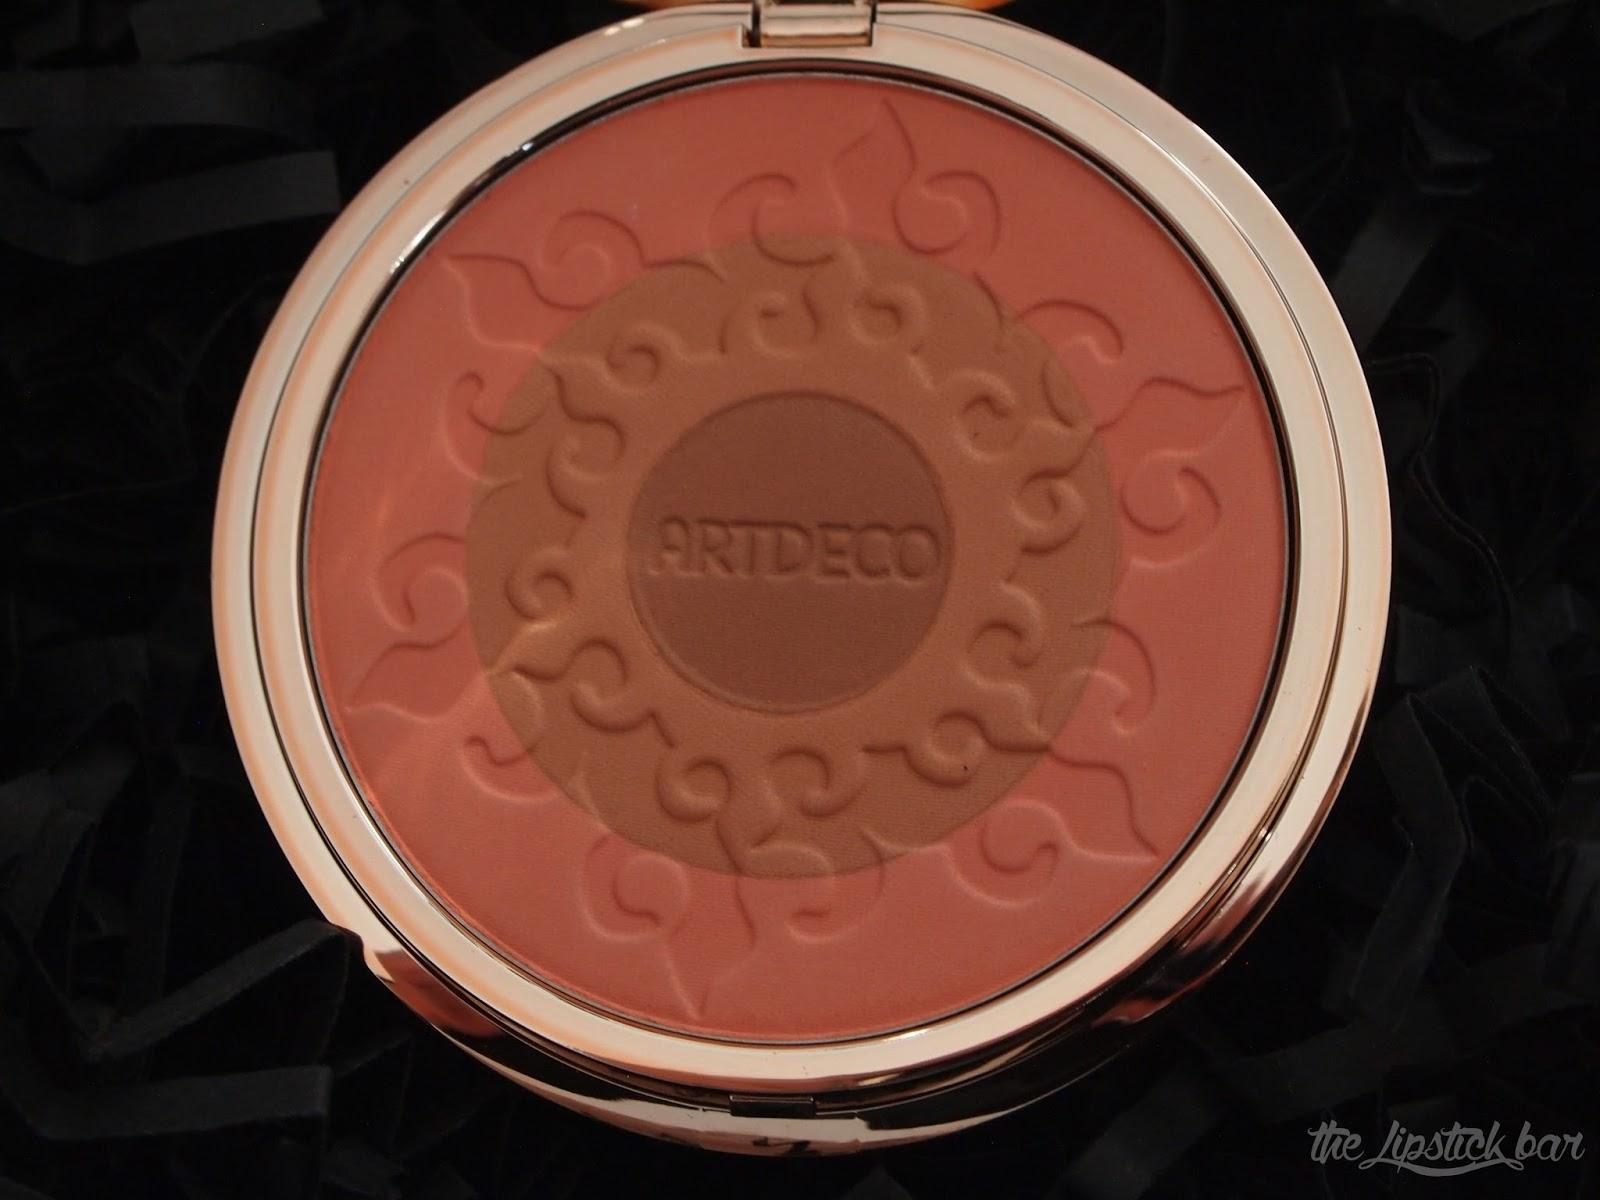 Artdeco Sunshine blush